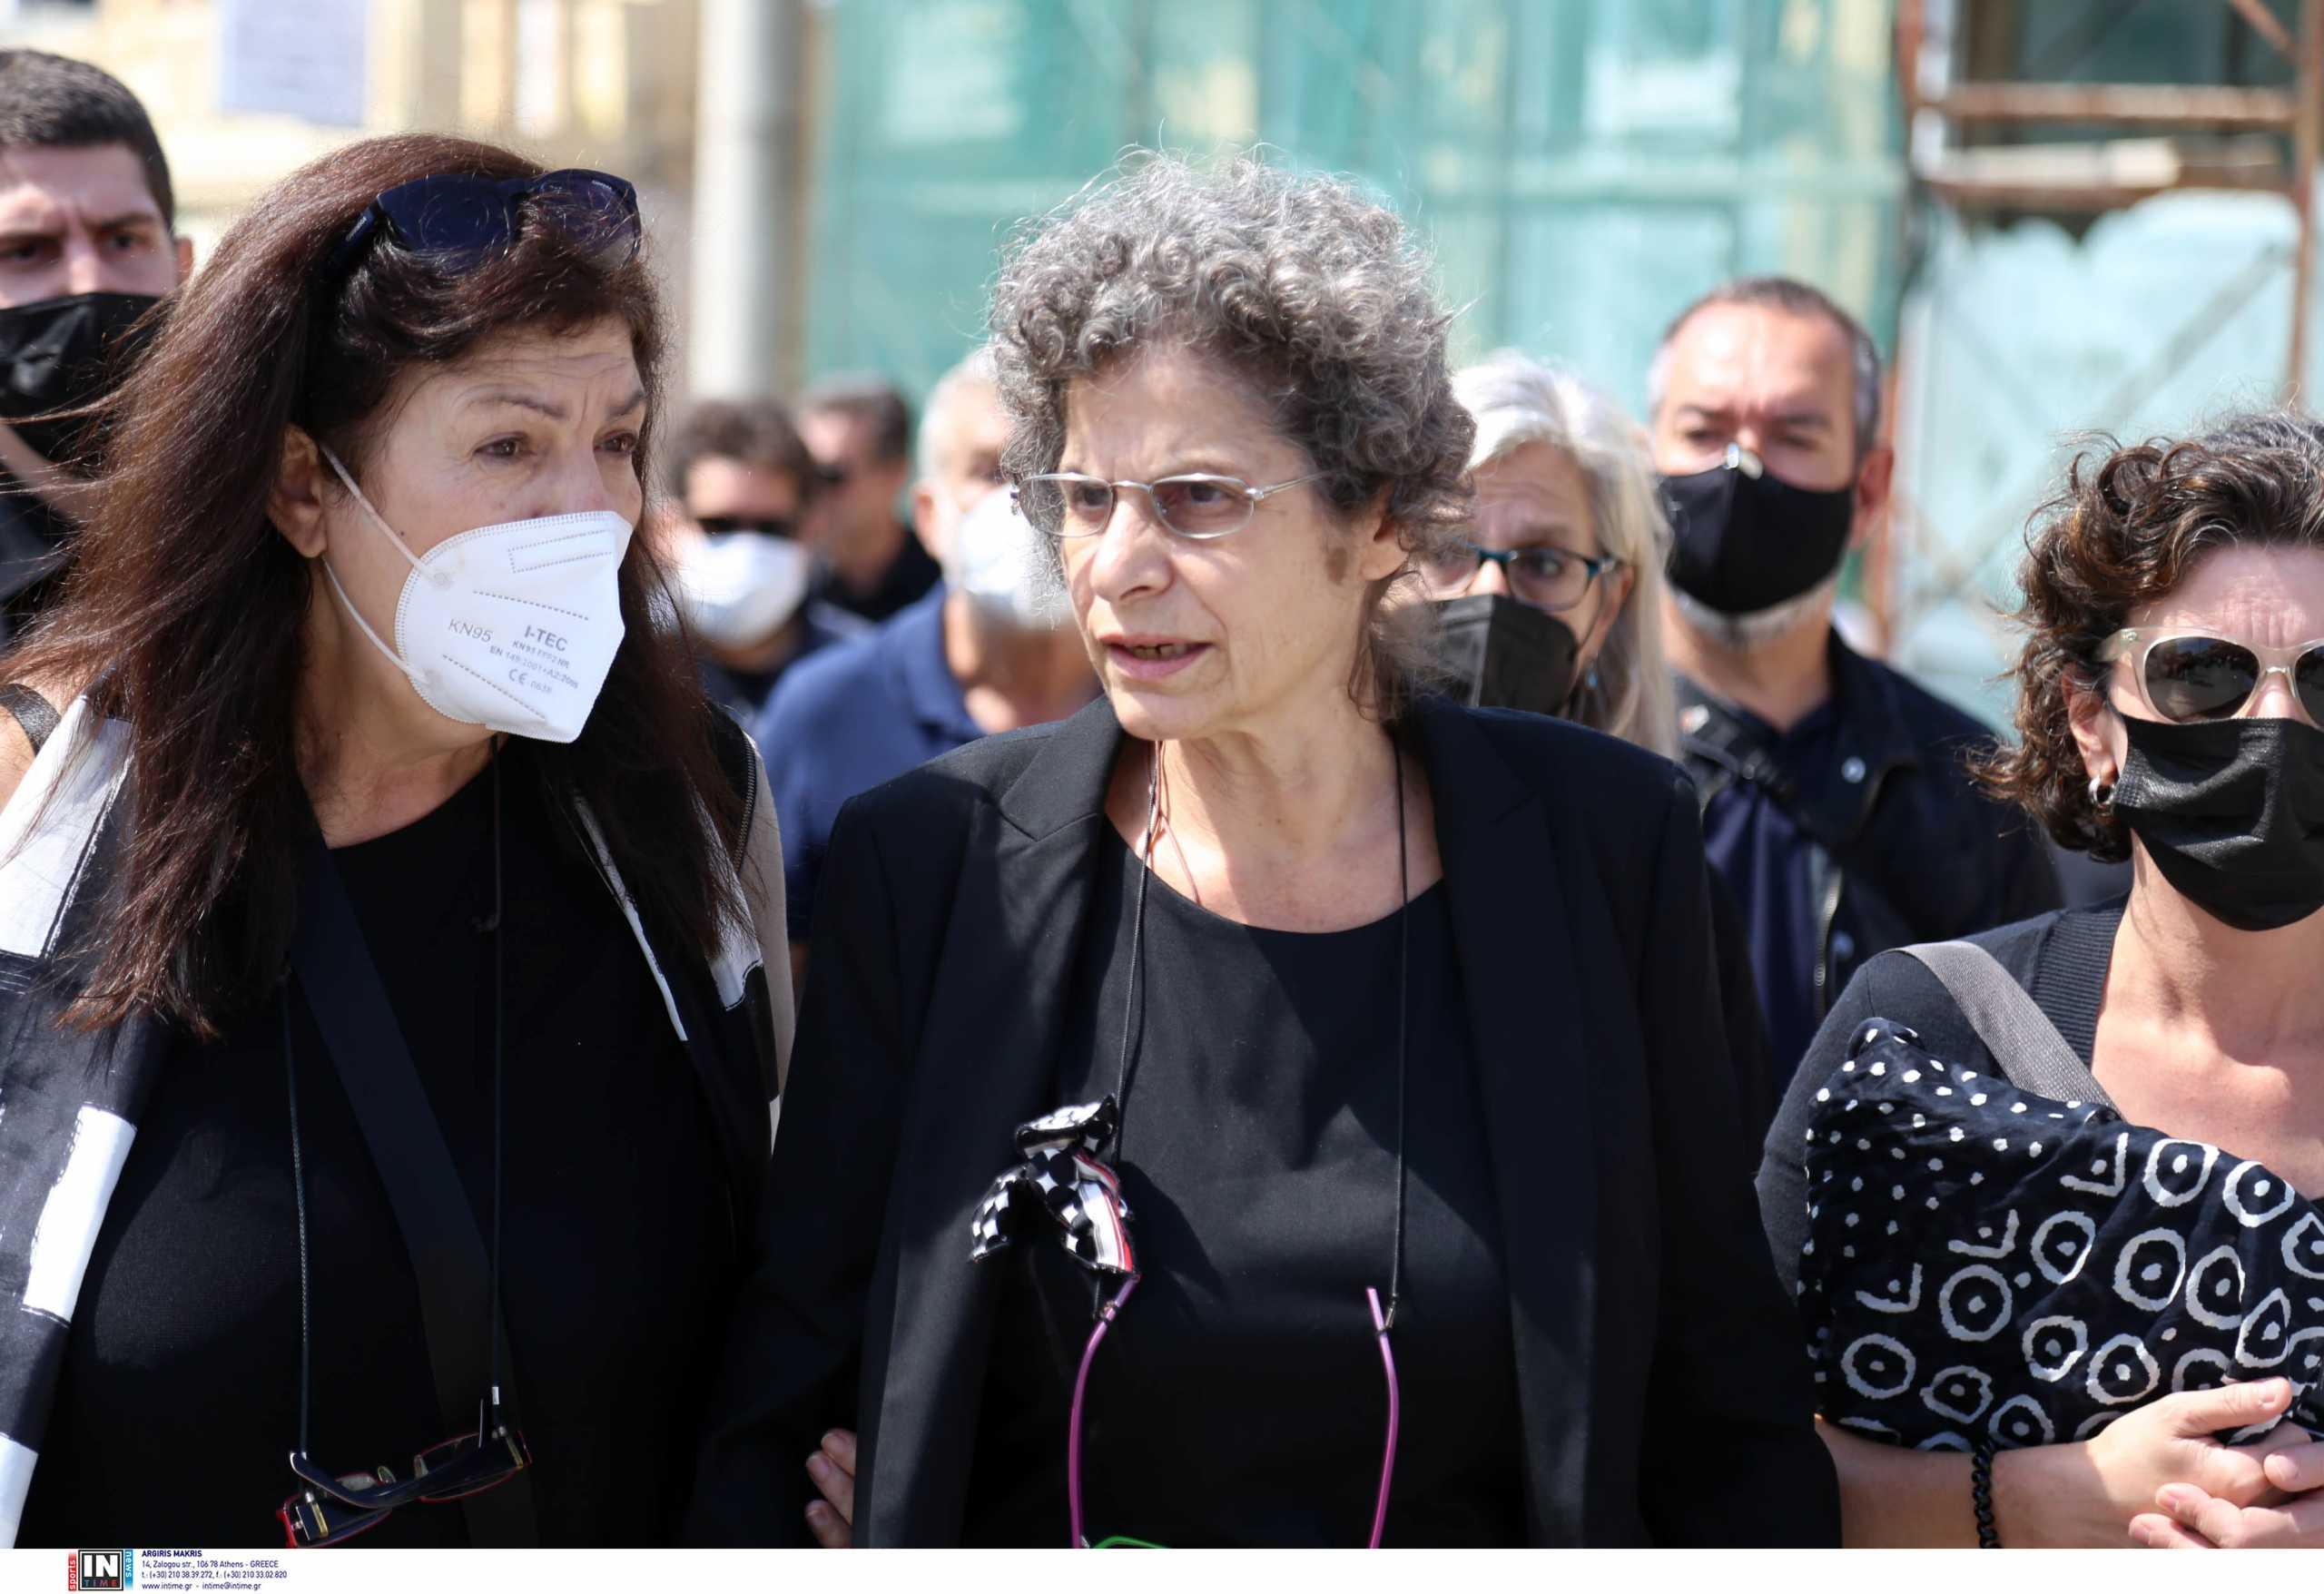 Μαργαρίτα Θεοδωράκη: Τι αναφέρει στα ασφαλιστικά μέτρα – Τεστ DNA θα κάνει ο Νίκος Κουρής